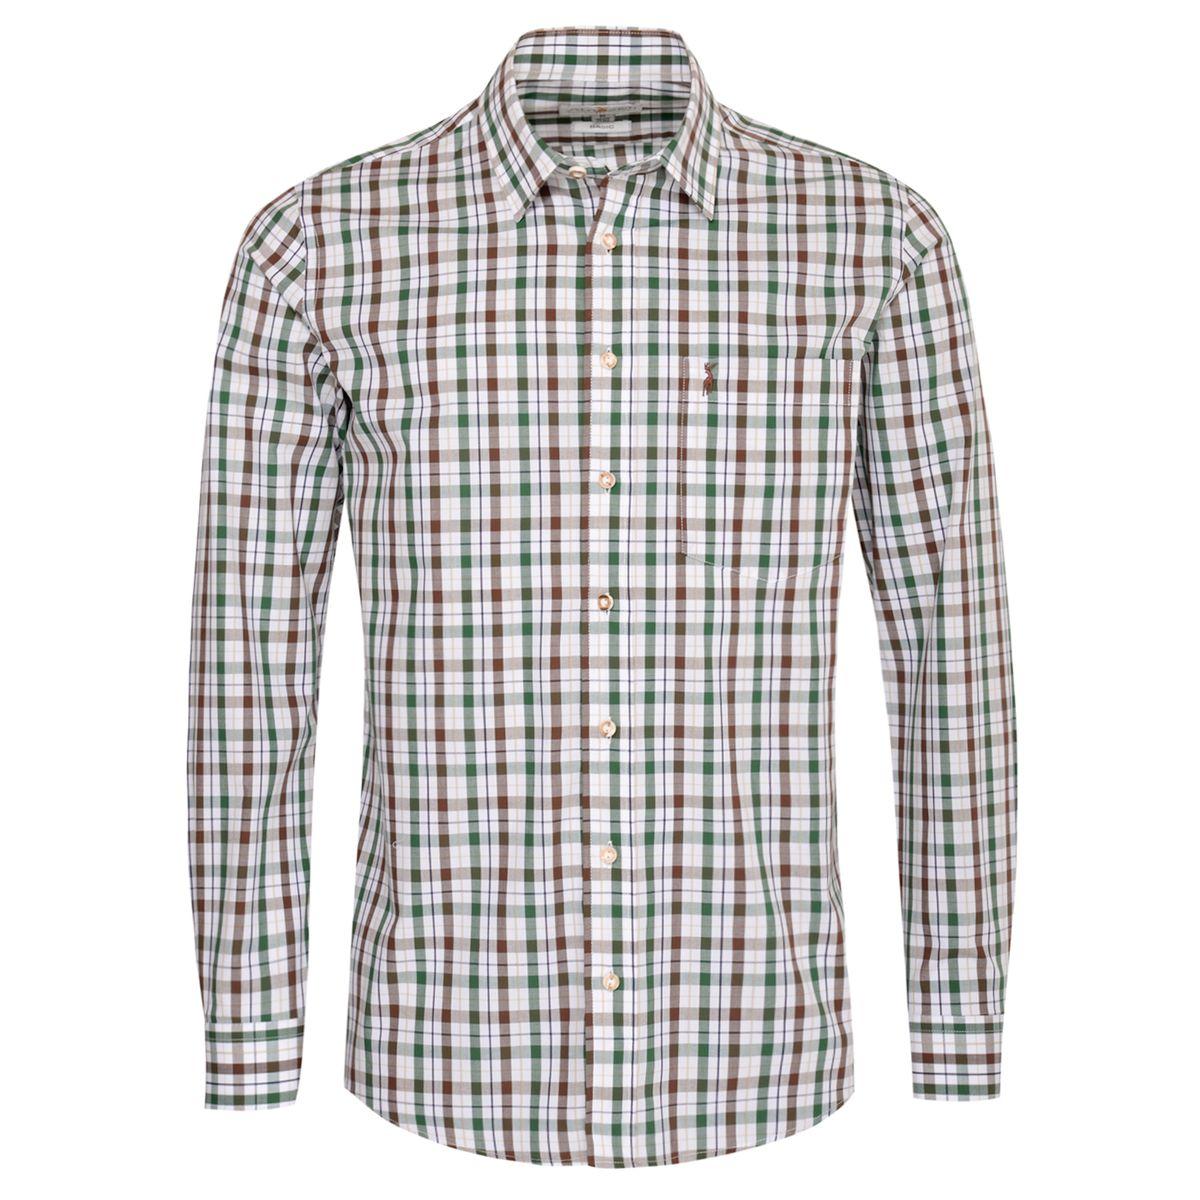 Trachtenhemd Hans Regular Fit zweifarbig in Braun und Dunkelgrün von Almsach günstig online kaufen